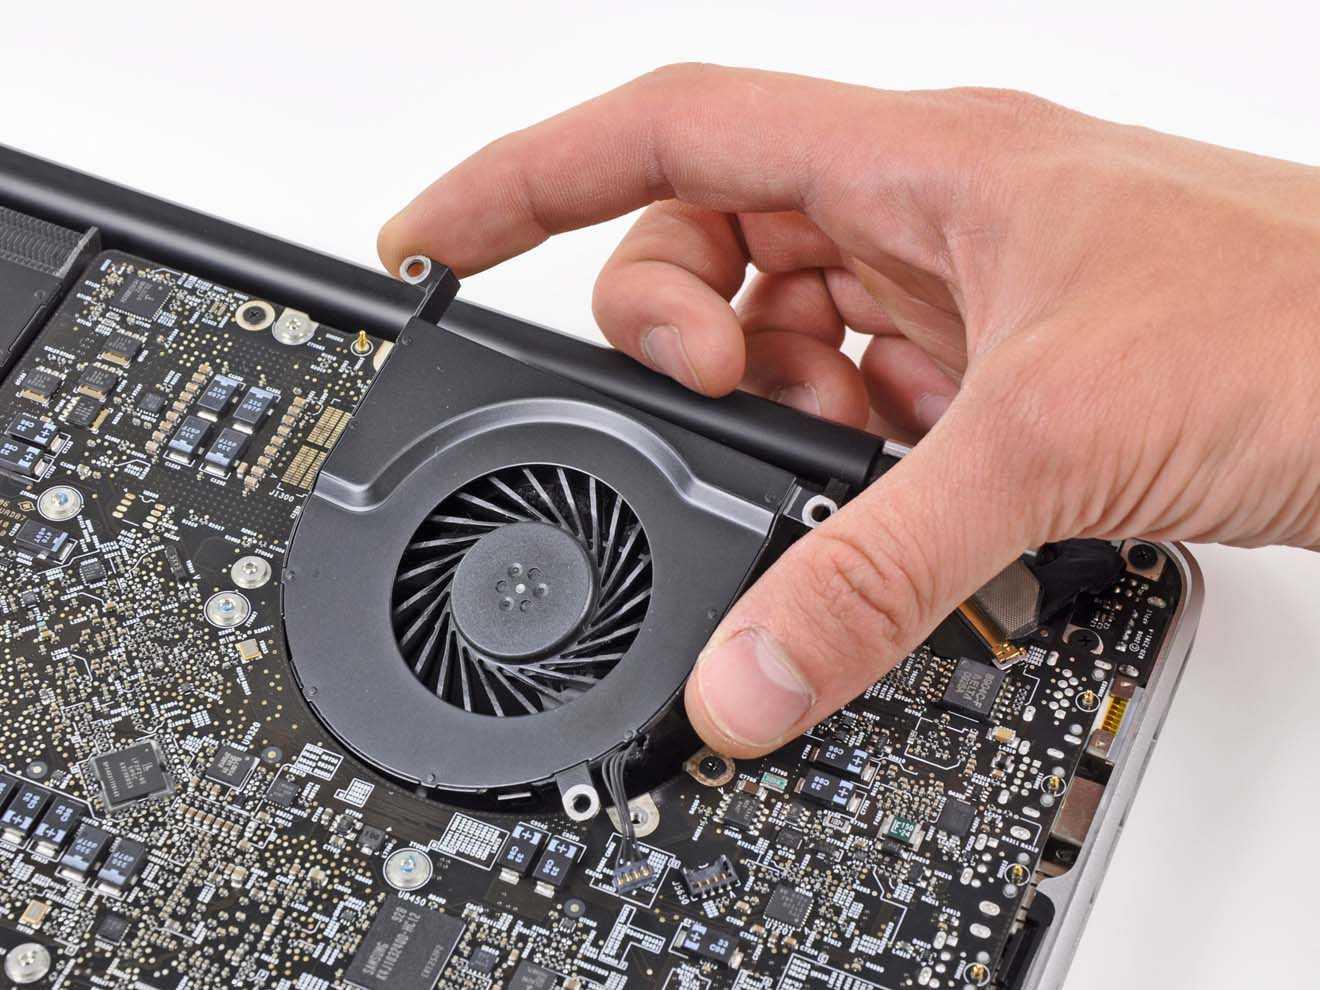 Как почистить ноутбук от пыли, не разбирая его? как почистить самостоятельно ноутбук: инструкция